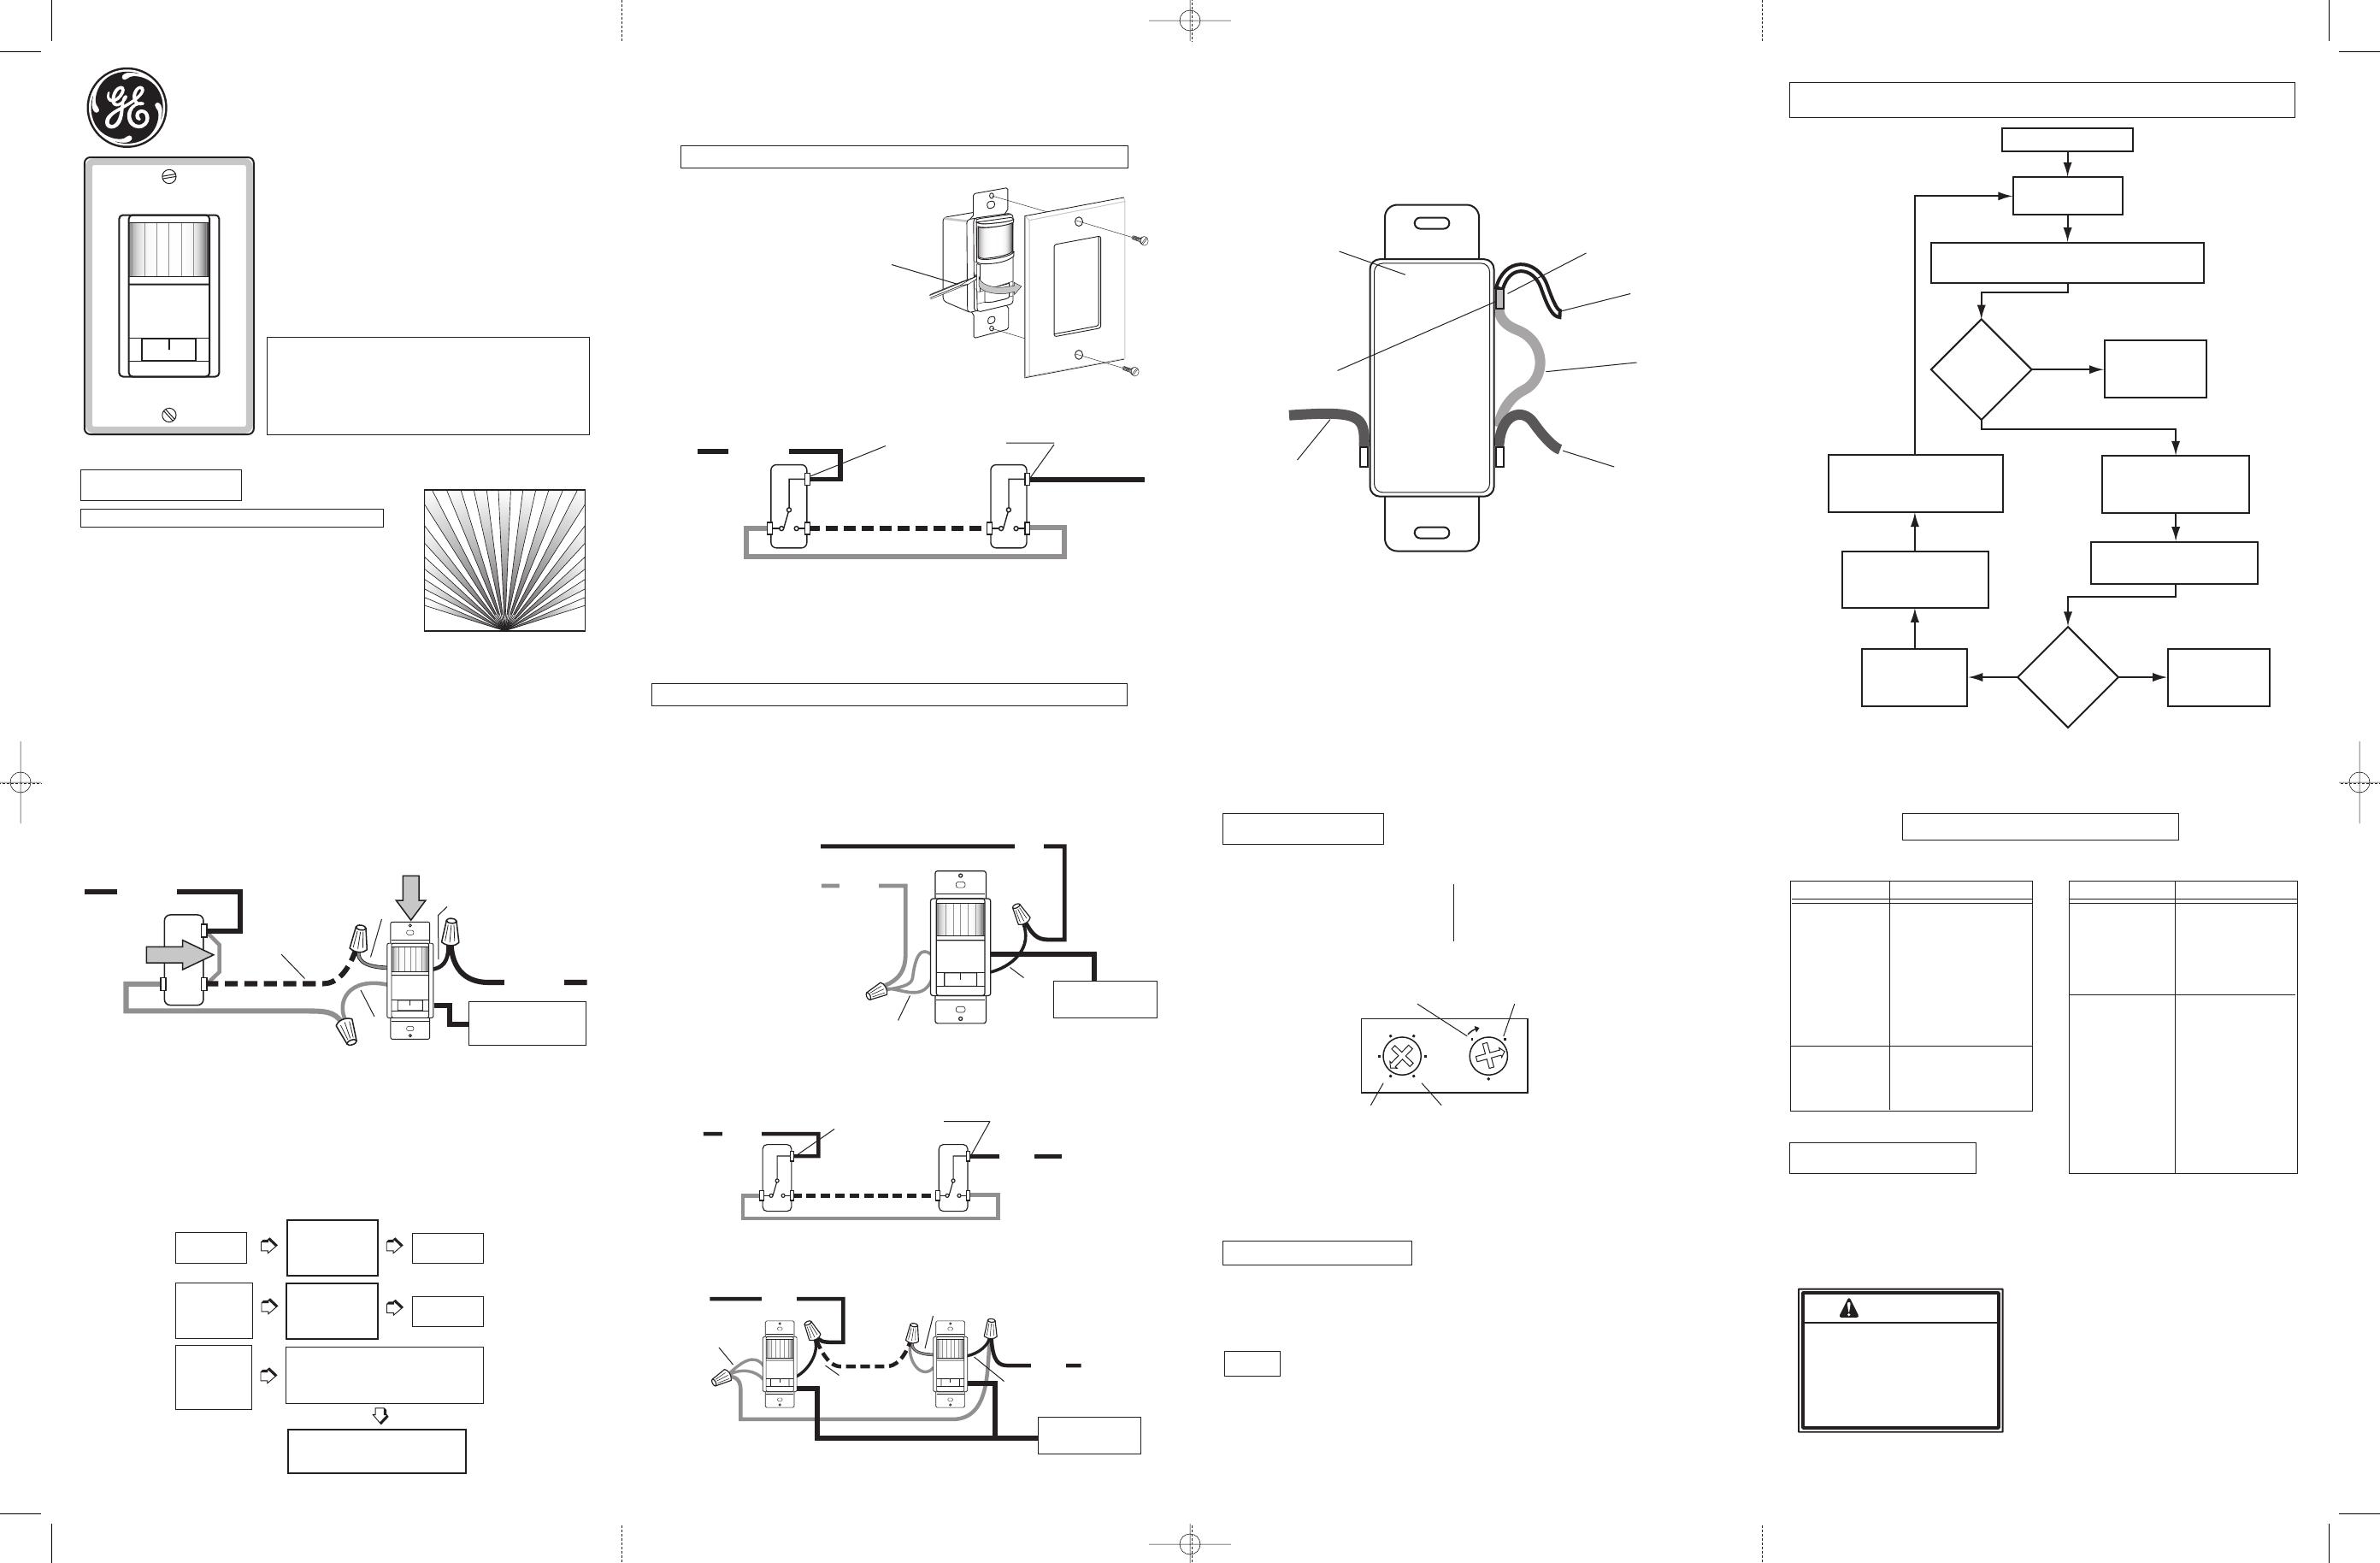 Fine Occupancy Sensor Wiring Diagram Model - Wiring Schematics and ...